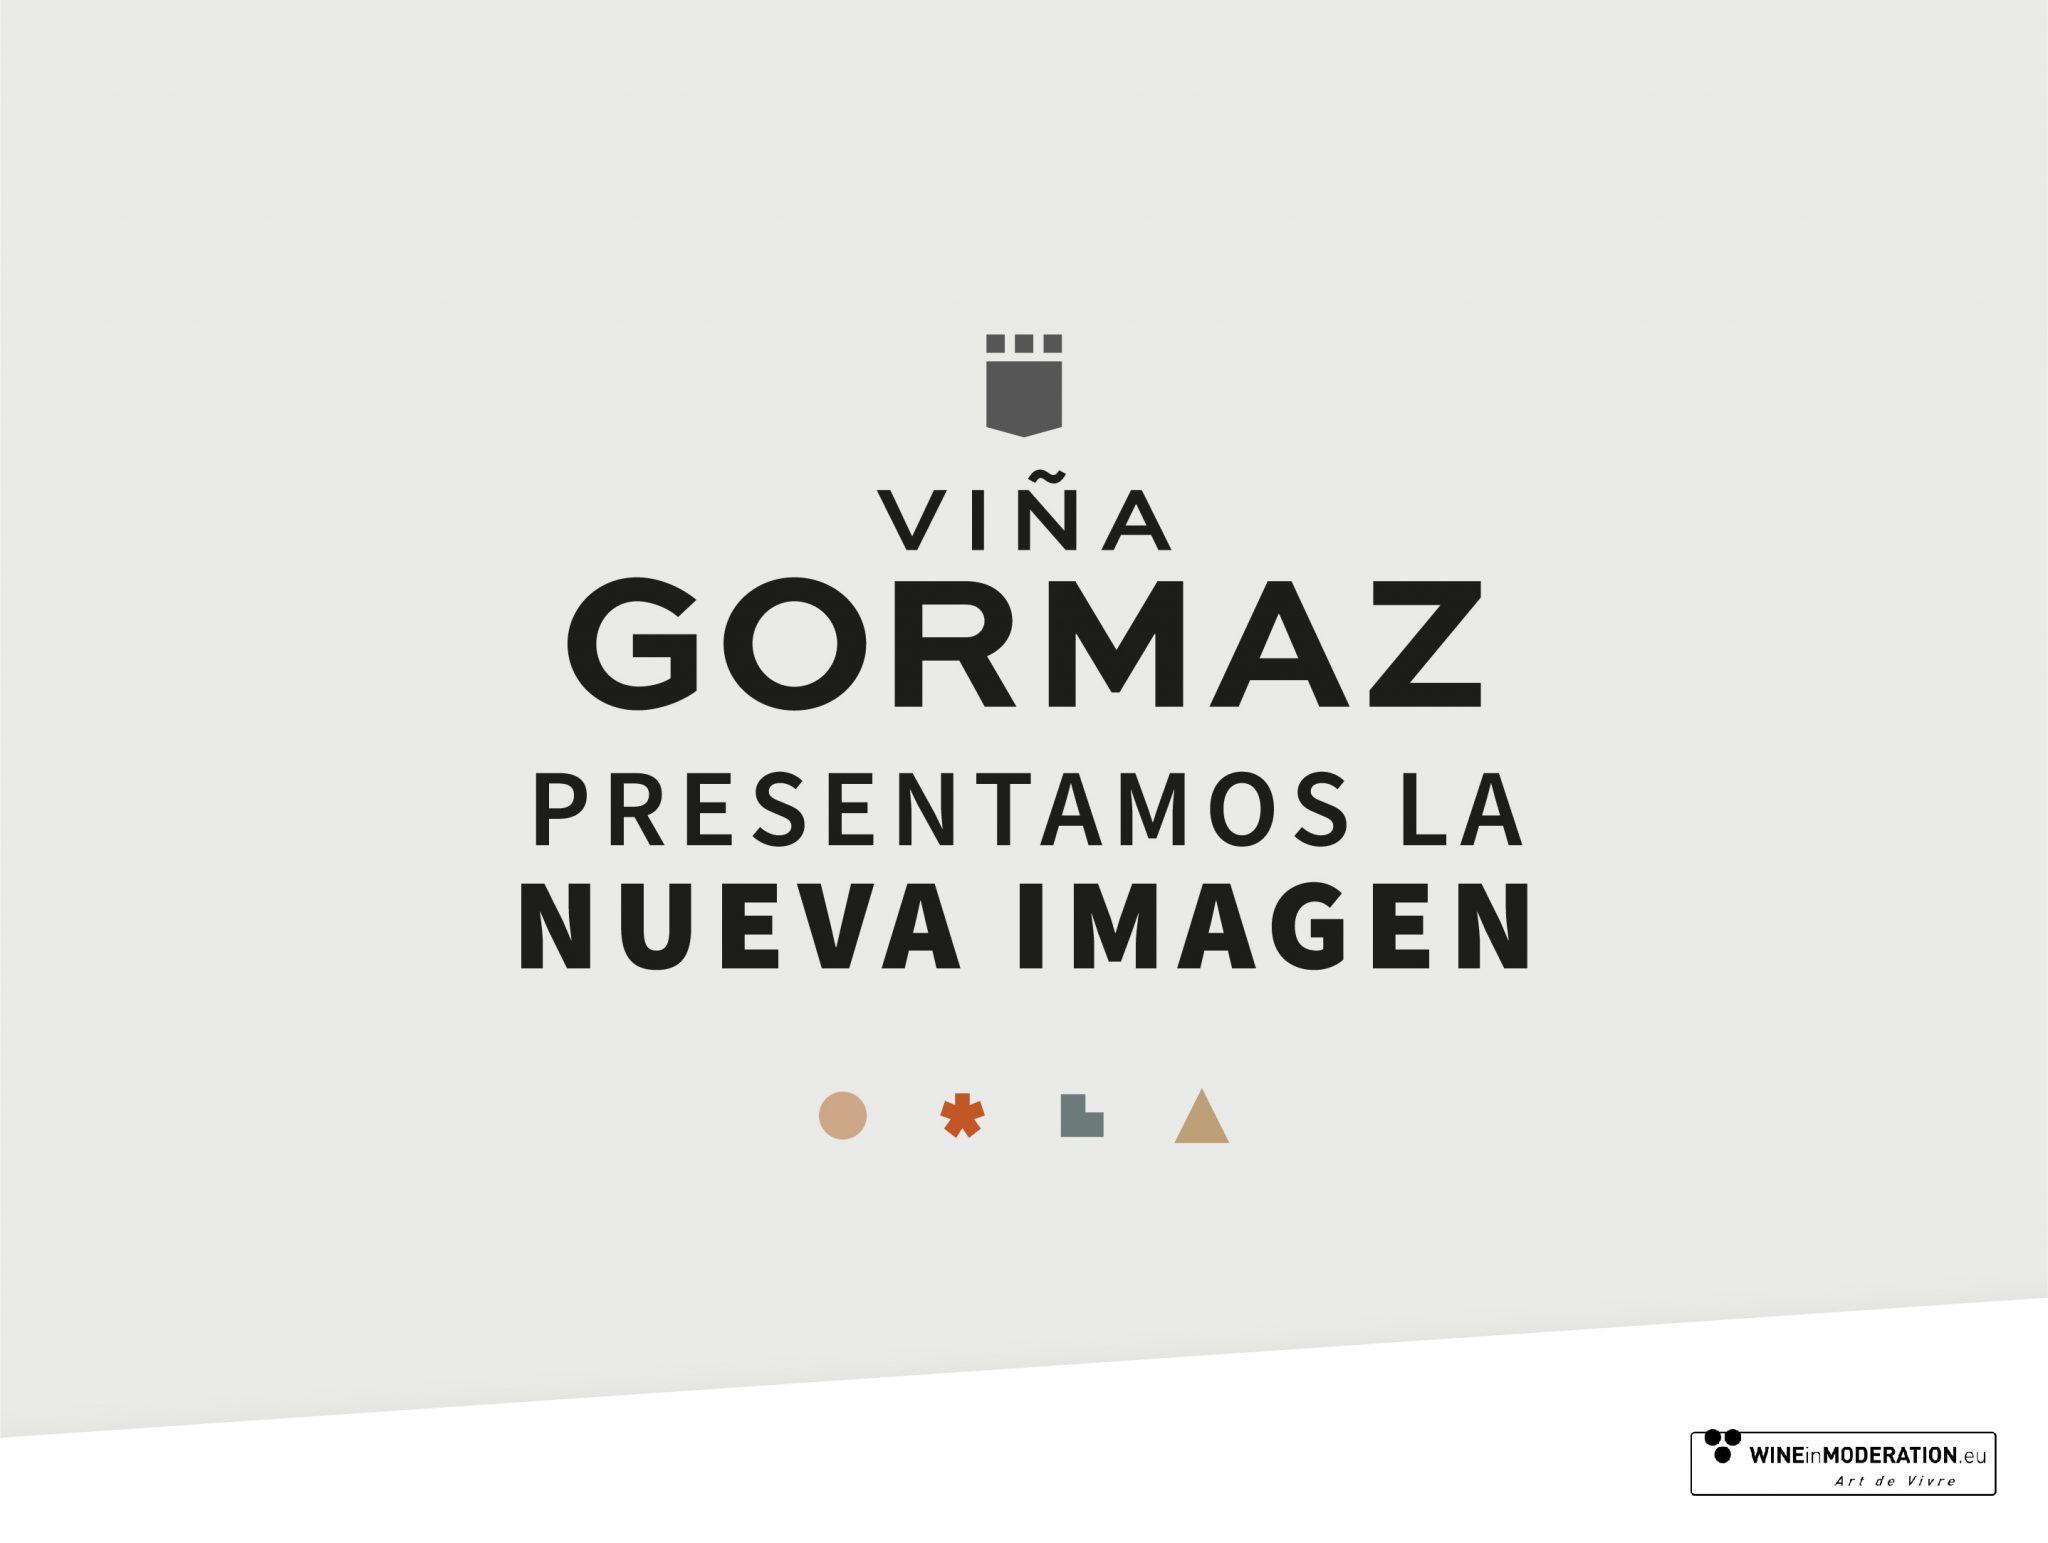 Viña Gormaz estrena imagen